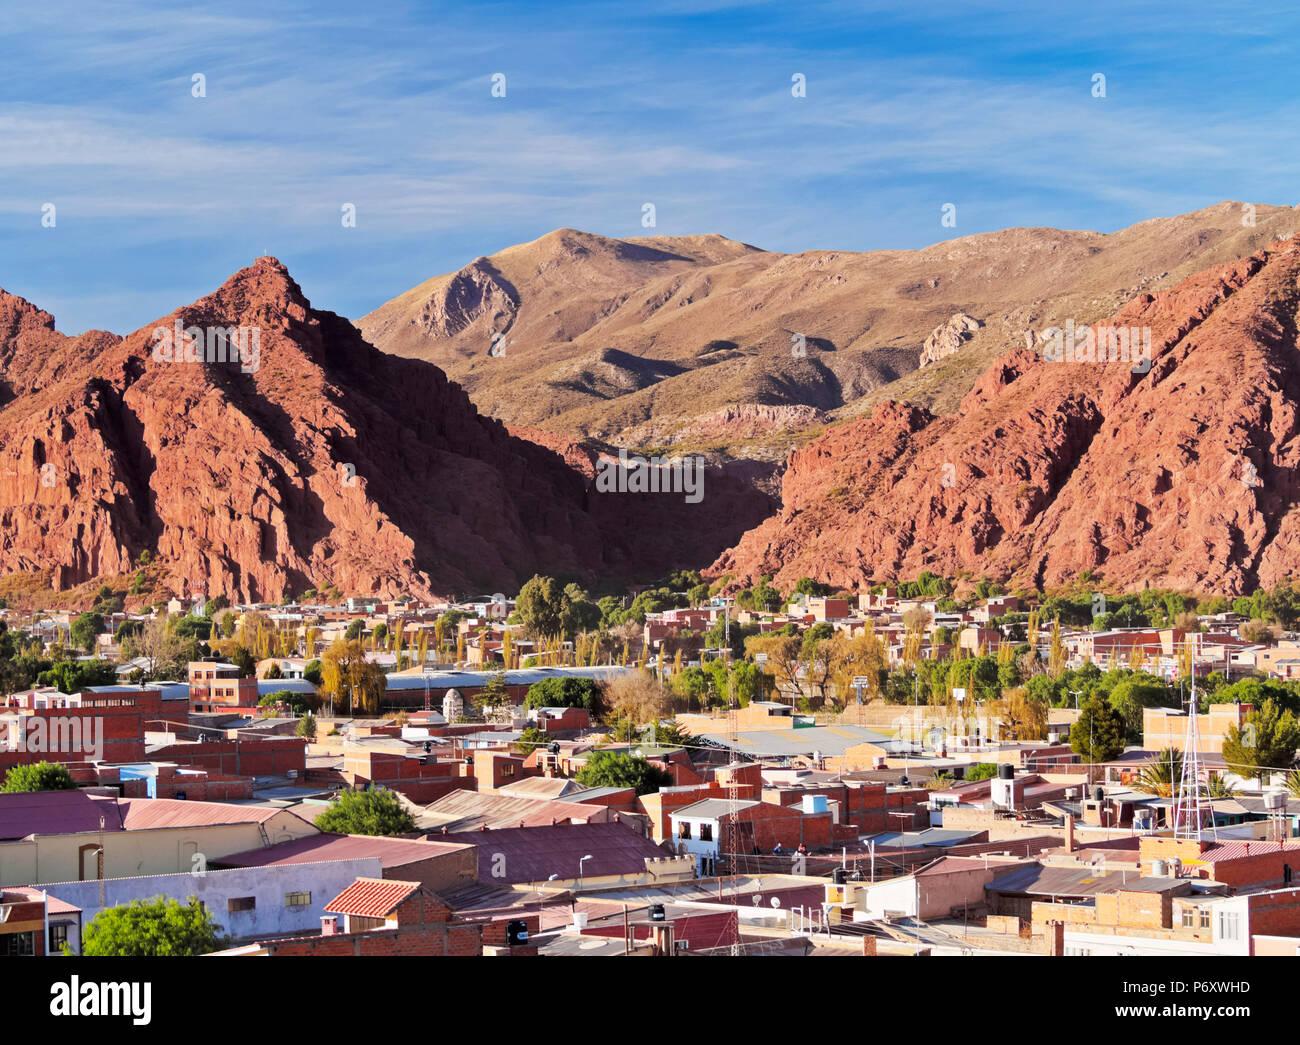 Bolivia, dipartimento di Potosi, Sud Chichas Provincia, Tupiza, paesaggio delle montagne e della città di Tupiza visto dal Mirador Corazon de Jesus. Immagini Stock